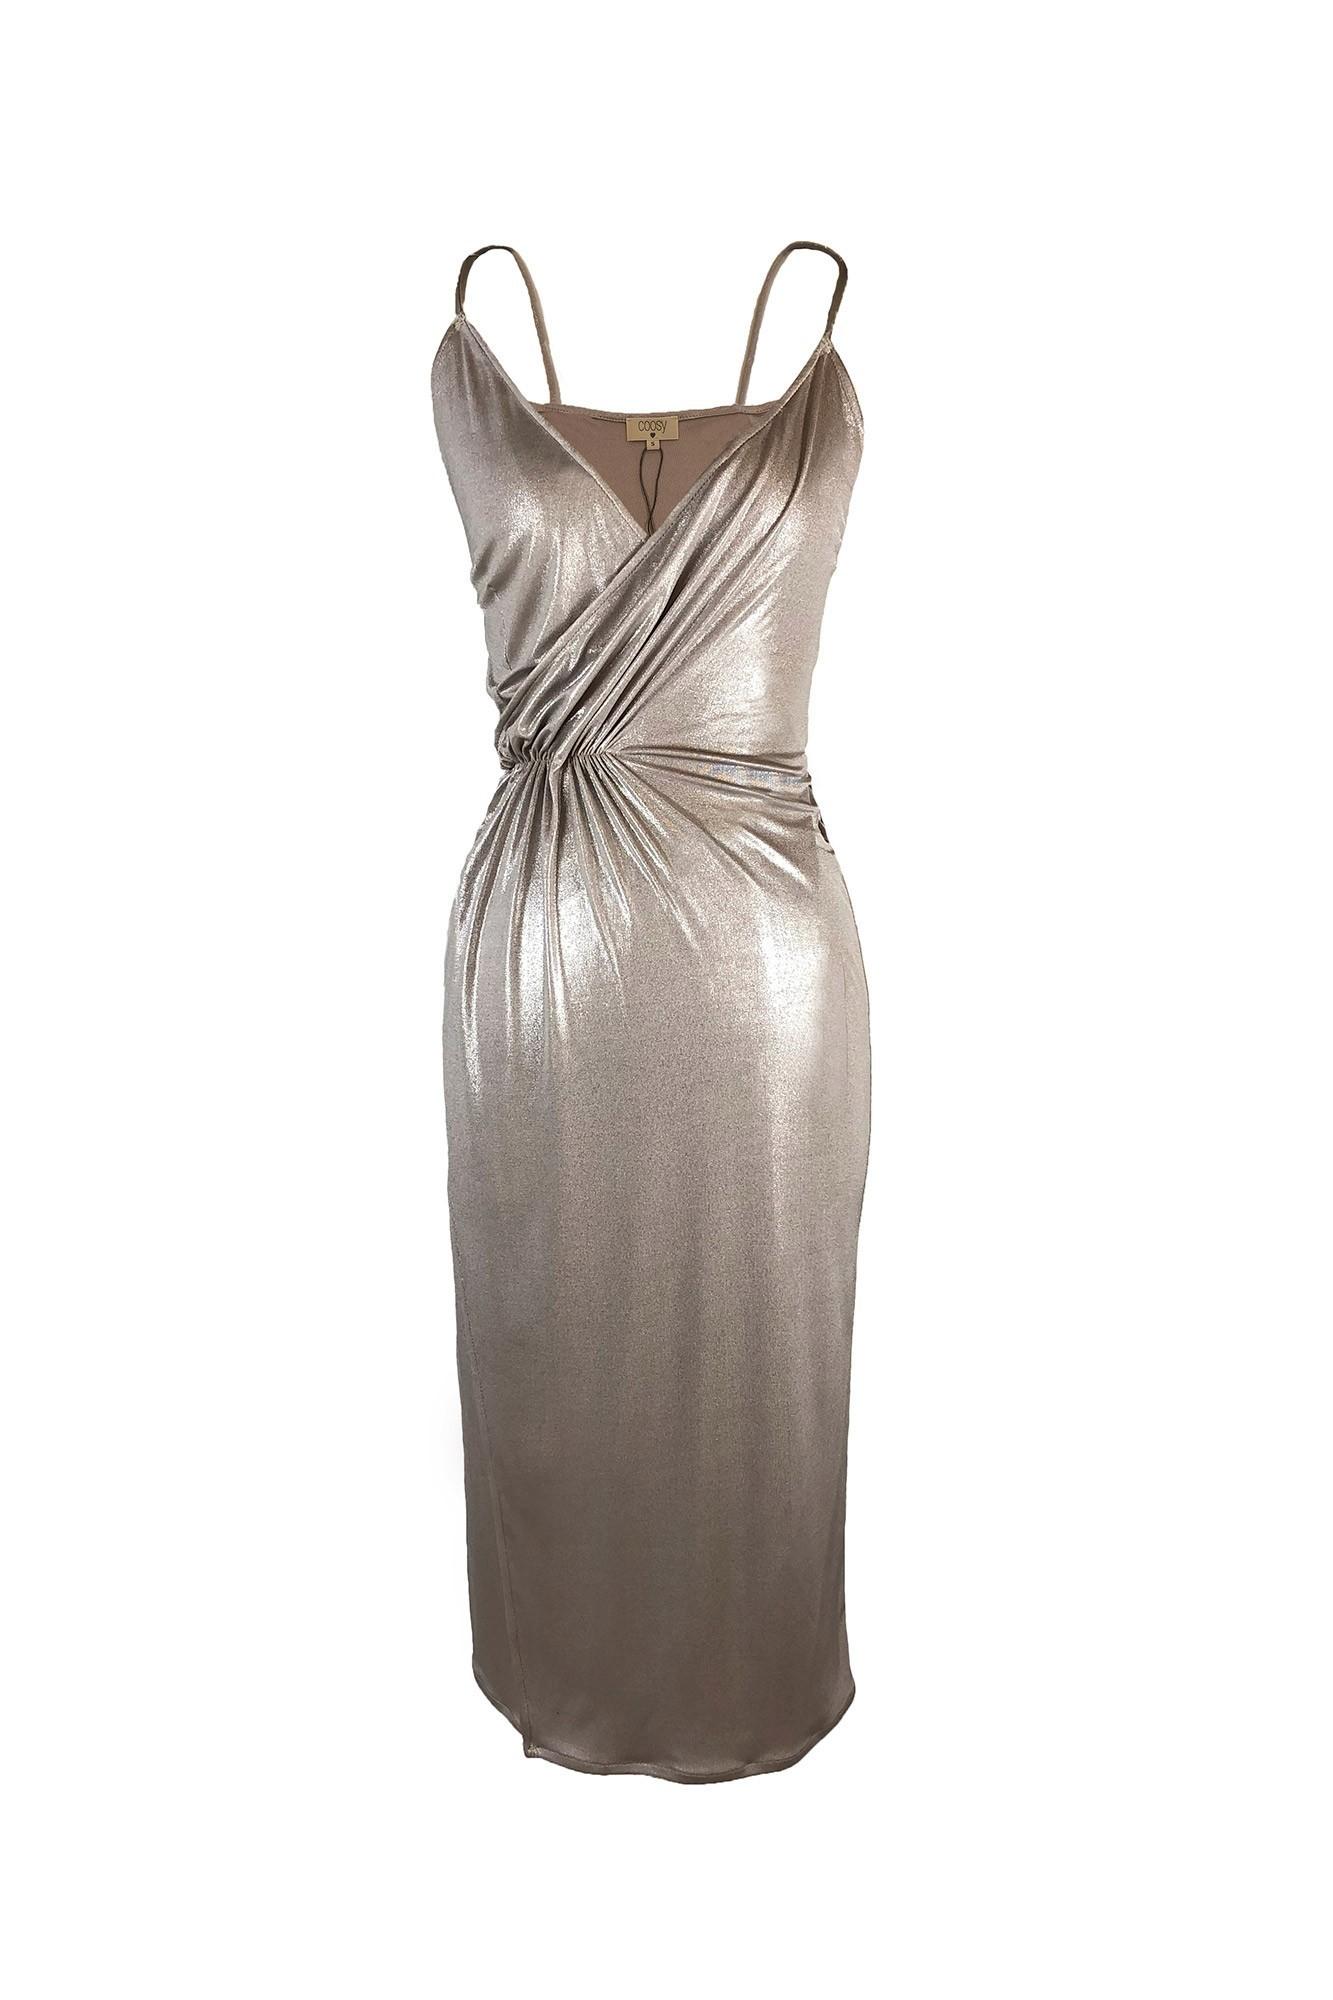 KYLIE GREY DRESS